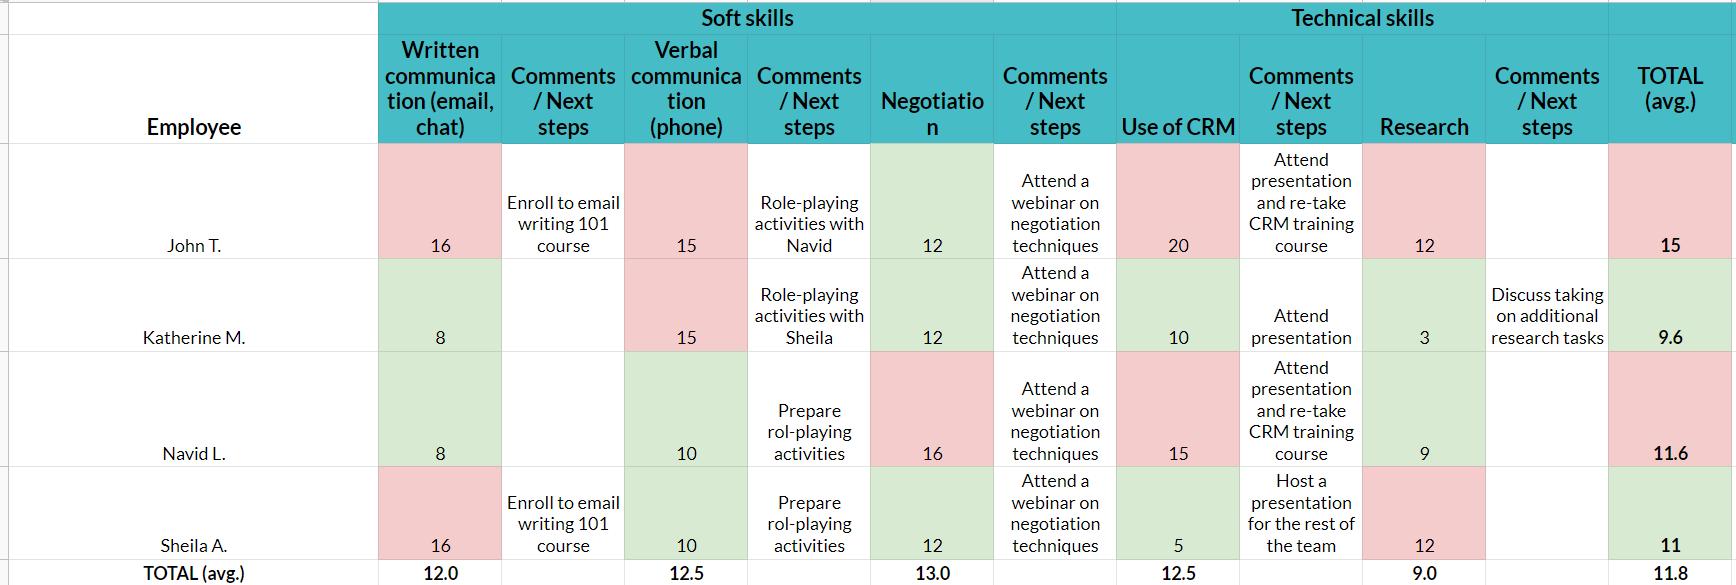 Modelo de análise de lacunas de habilidades |  Análise de lacunas de habilidades individuais